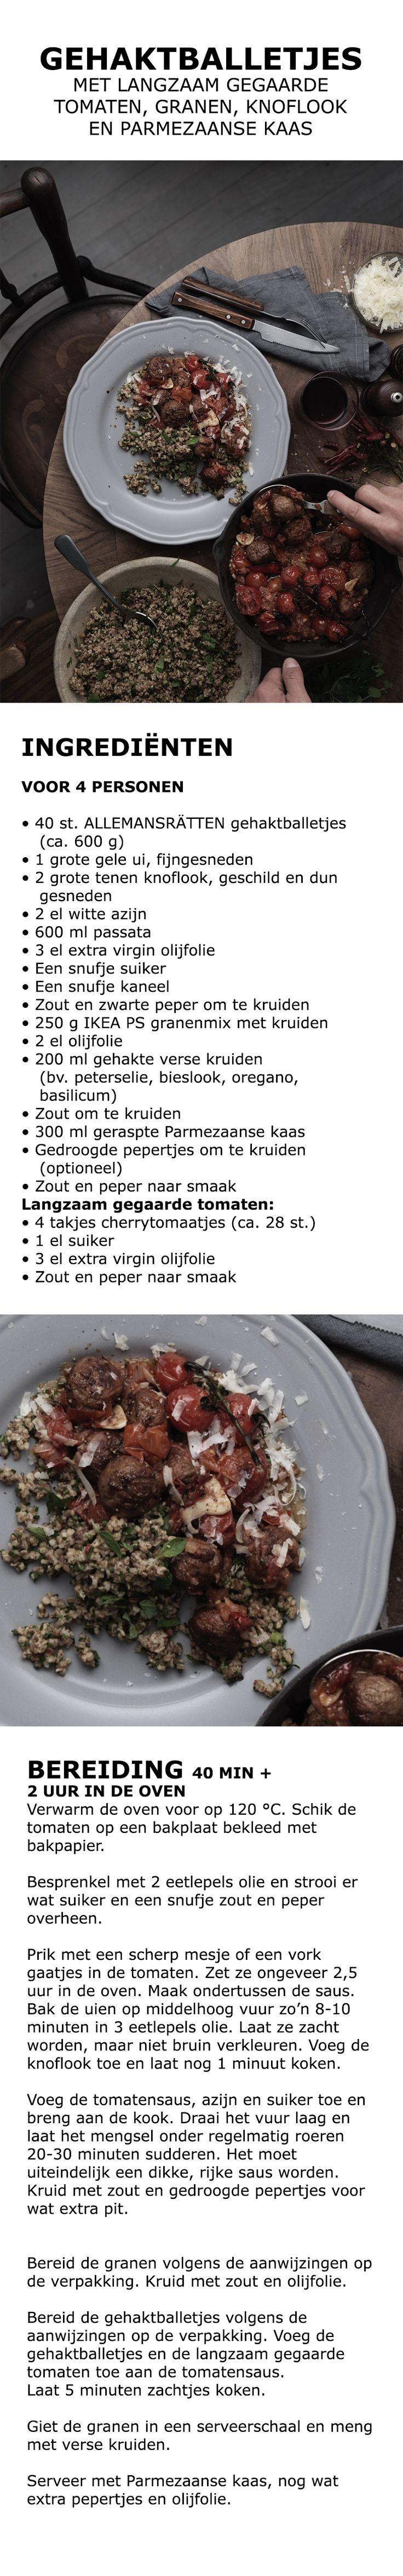 Inspiratie voor de feestdagen - Gehaktballetjes met langzaam gegaarde tomaten, granen, knoflook en Parmezaanse kaas | IKEA IKEAnederland koken keuken recept herfst winter kerst diner lunch knoflook passata suiker kaneel kruiden